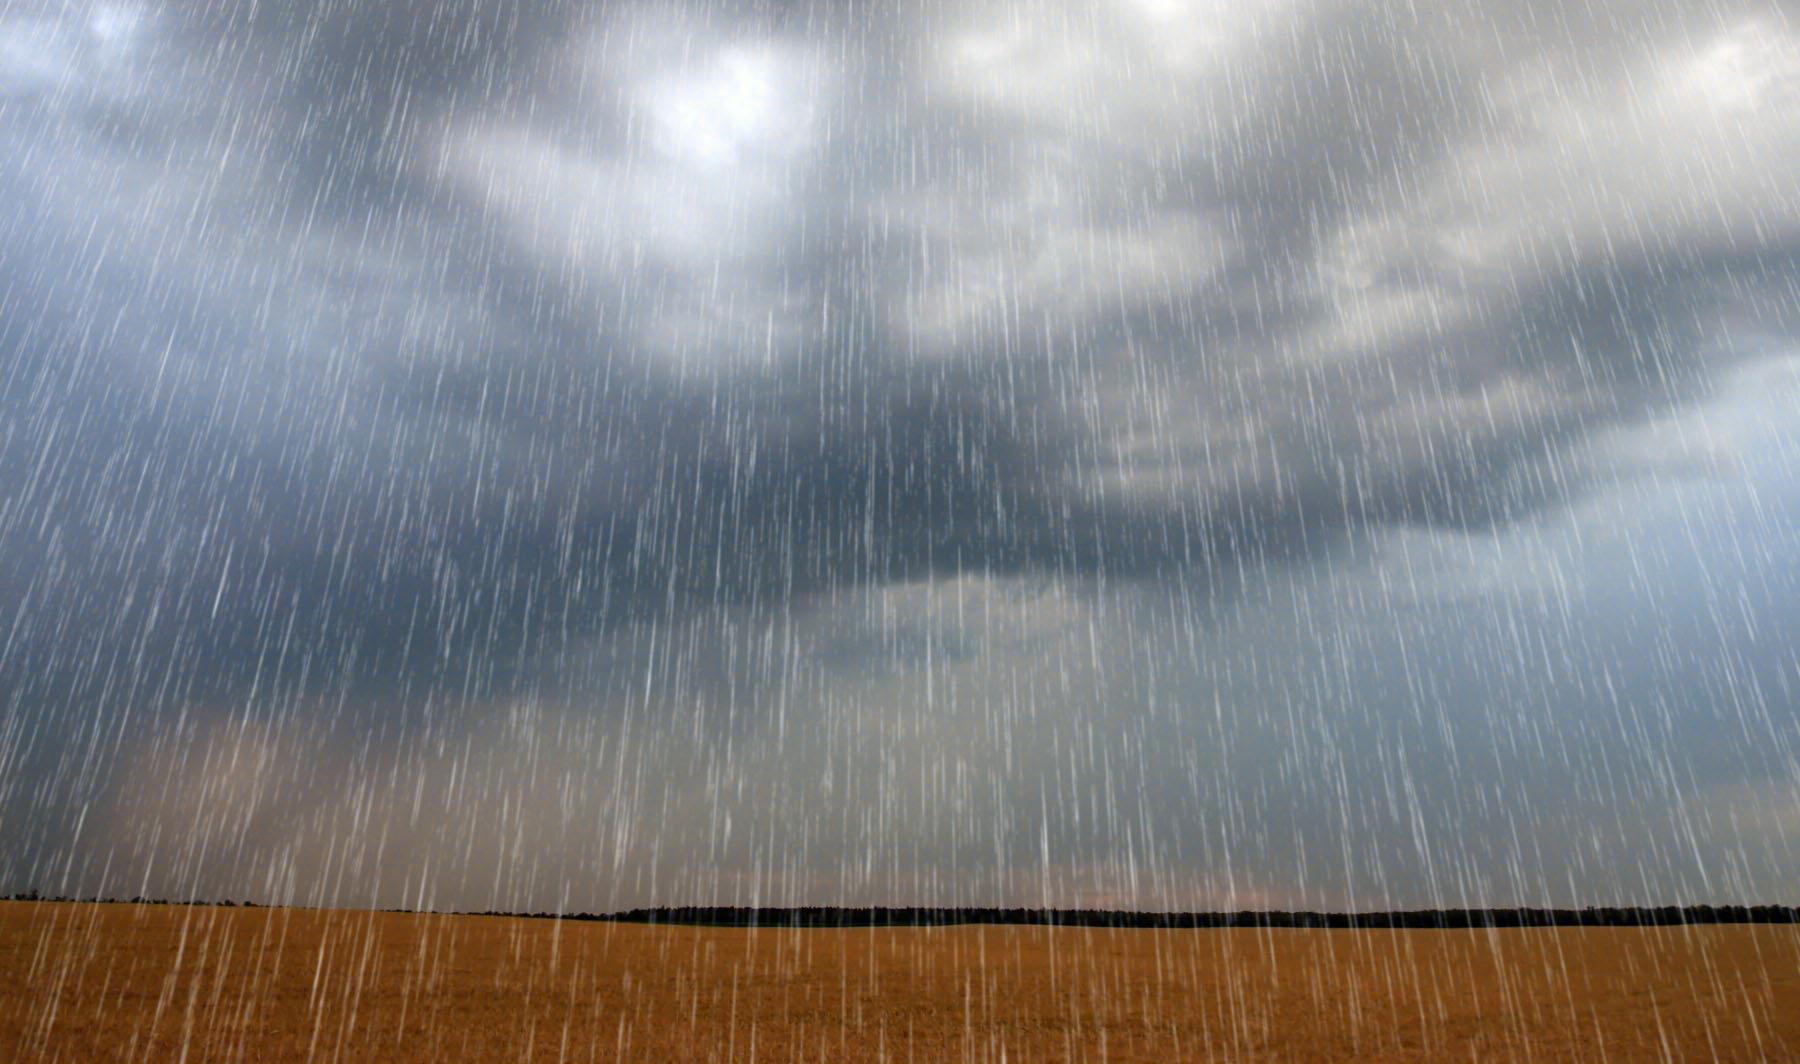 淅淅沥沥的梅雨季节,干衣机、除湿机销量激增